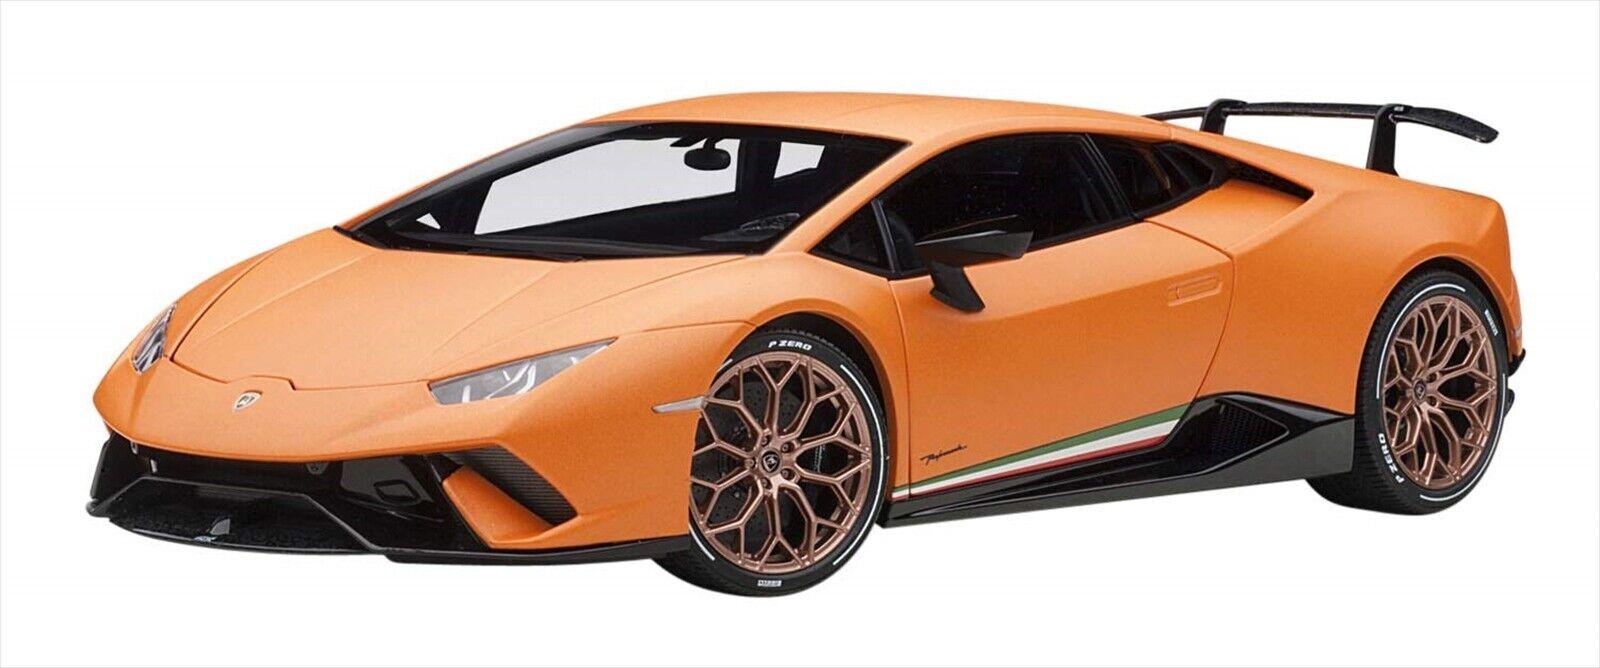 AUTOart 1 18 LAMBORGHINI urakan PERFOhommeTE Matt Orange objets dont  la vente est terminée 79152 nouveau  choix à bas prix